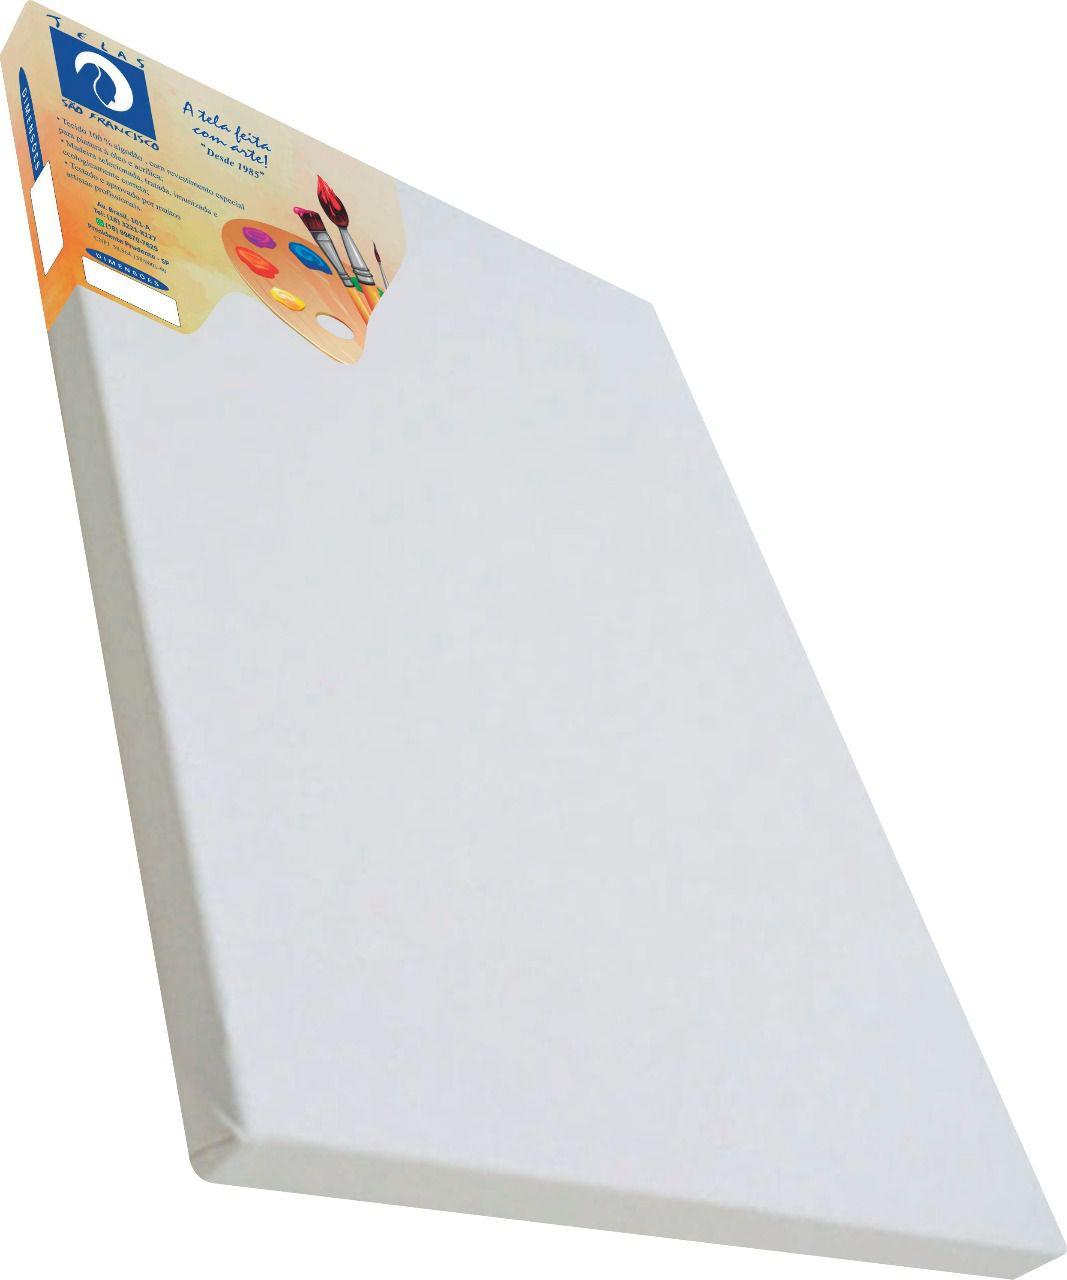 Tela painel para pintura 50x60cm - São Francisco